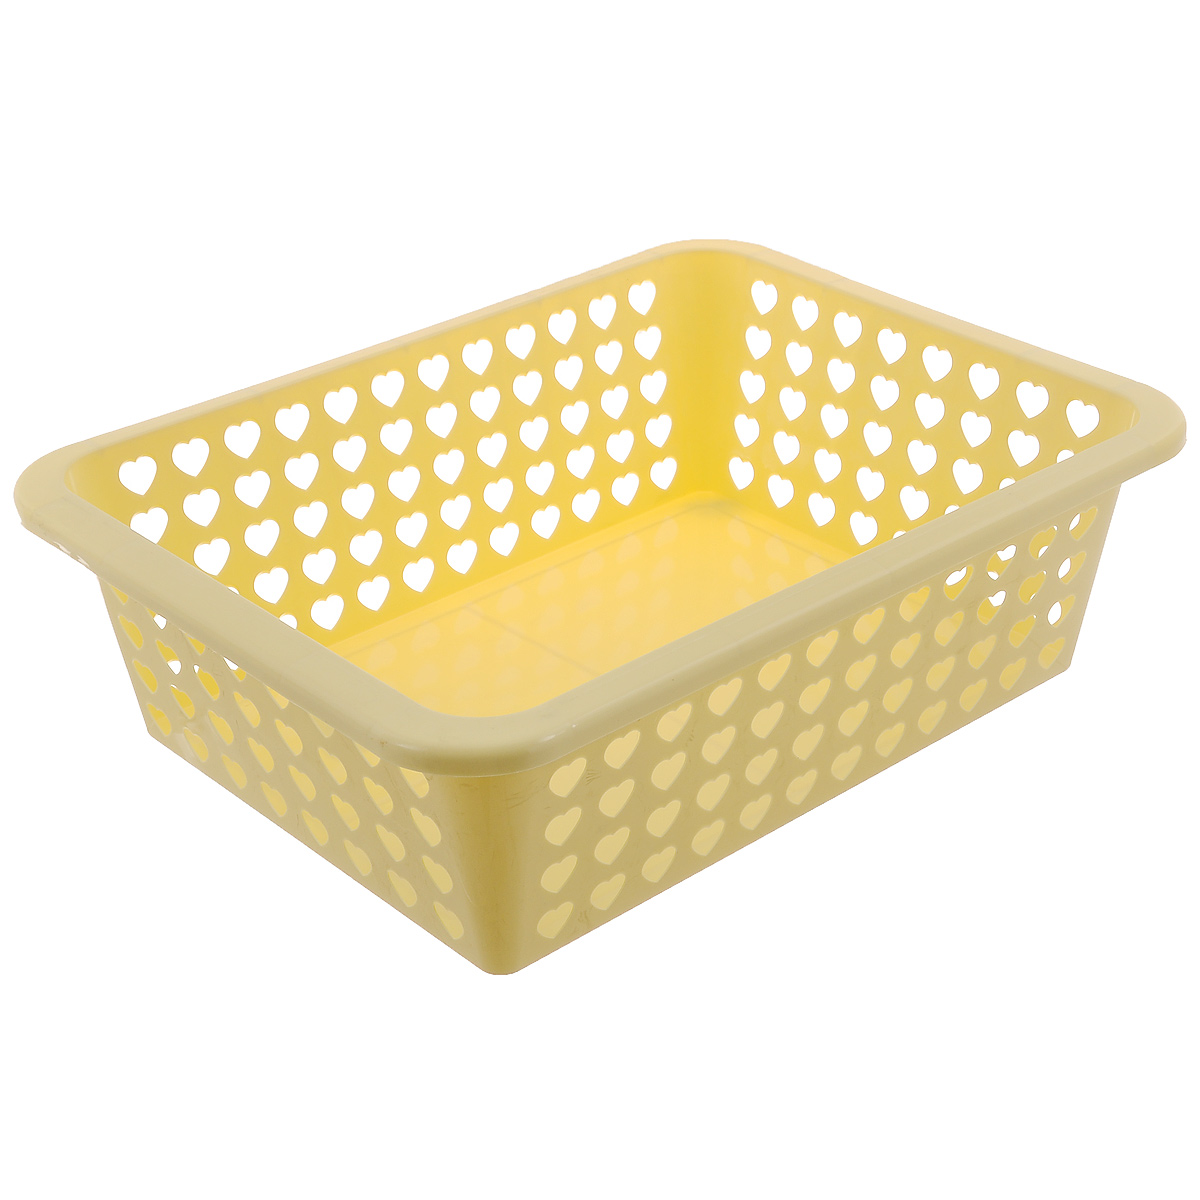 Корзина Альтернатива Вдохновение, цвет: желтый, 39,5 см х 29,7 см х 12 смCLP446Корзина Альтернатива Вдохновение выполнена из пластика и оформлена перфорацией в виде сердечек. Изделие имеет сплошное дно и жесткую кромку. Корзина предназначена для хранения мелочей в ванной, на кухне, на даче или в гараже. Позволяет хранить мелкие вещи, исключая возможность их потери.